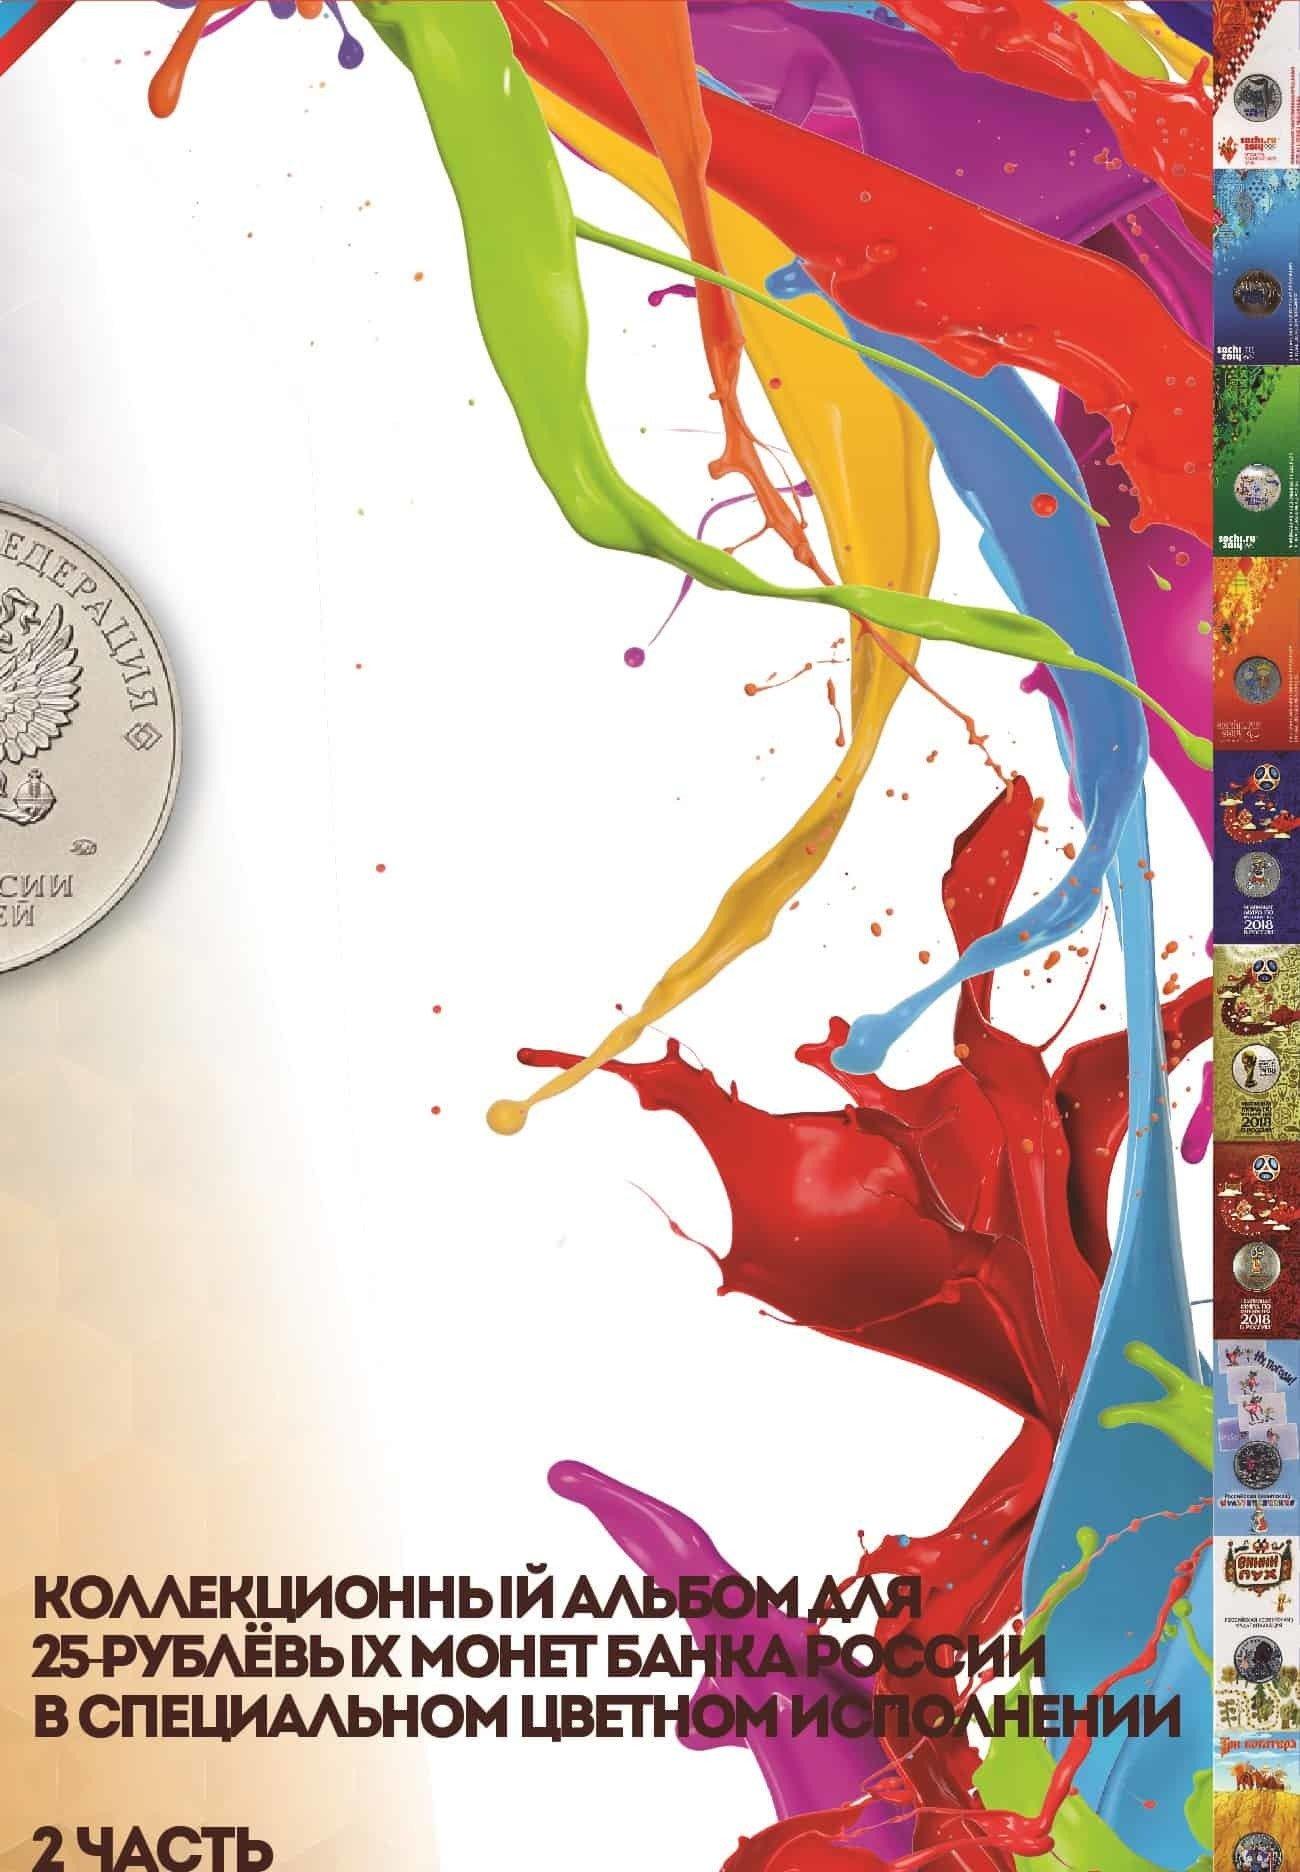 Альбом для 25 рублевых монет в специальном исполнении 00560